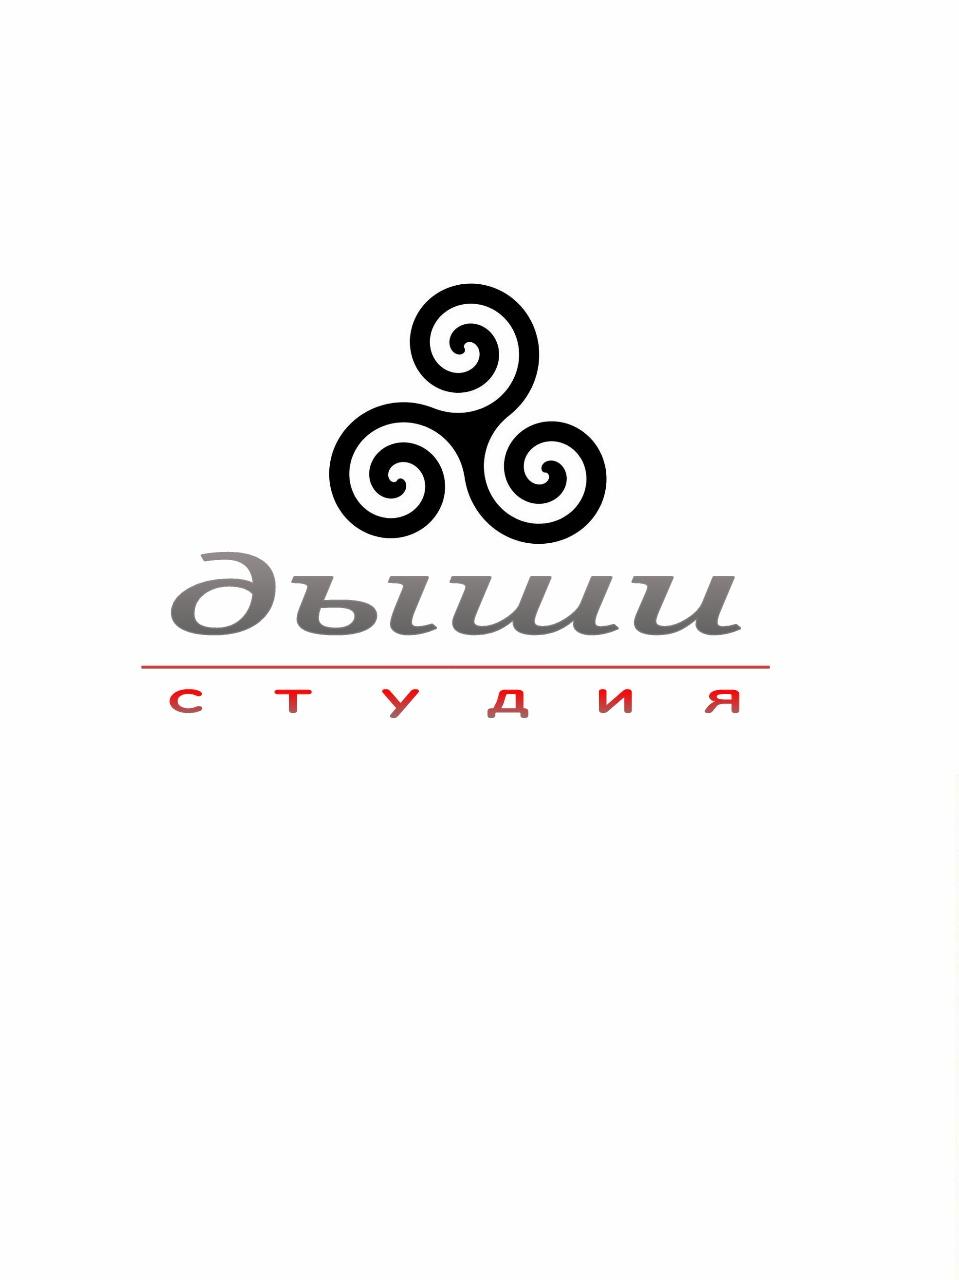 """Логотип для студии """"Дыши""""  и фирменный стиль фото f_87056f27da273901.jpg"""